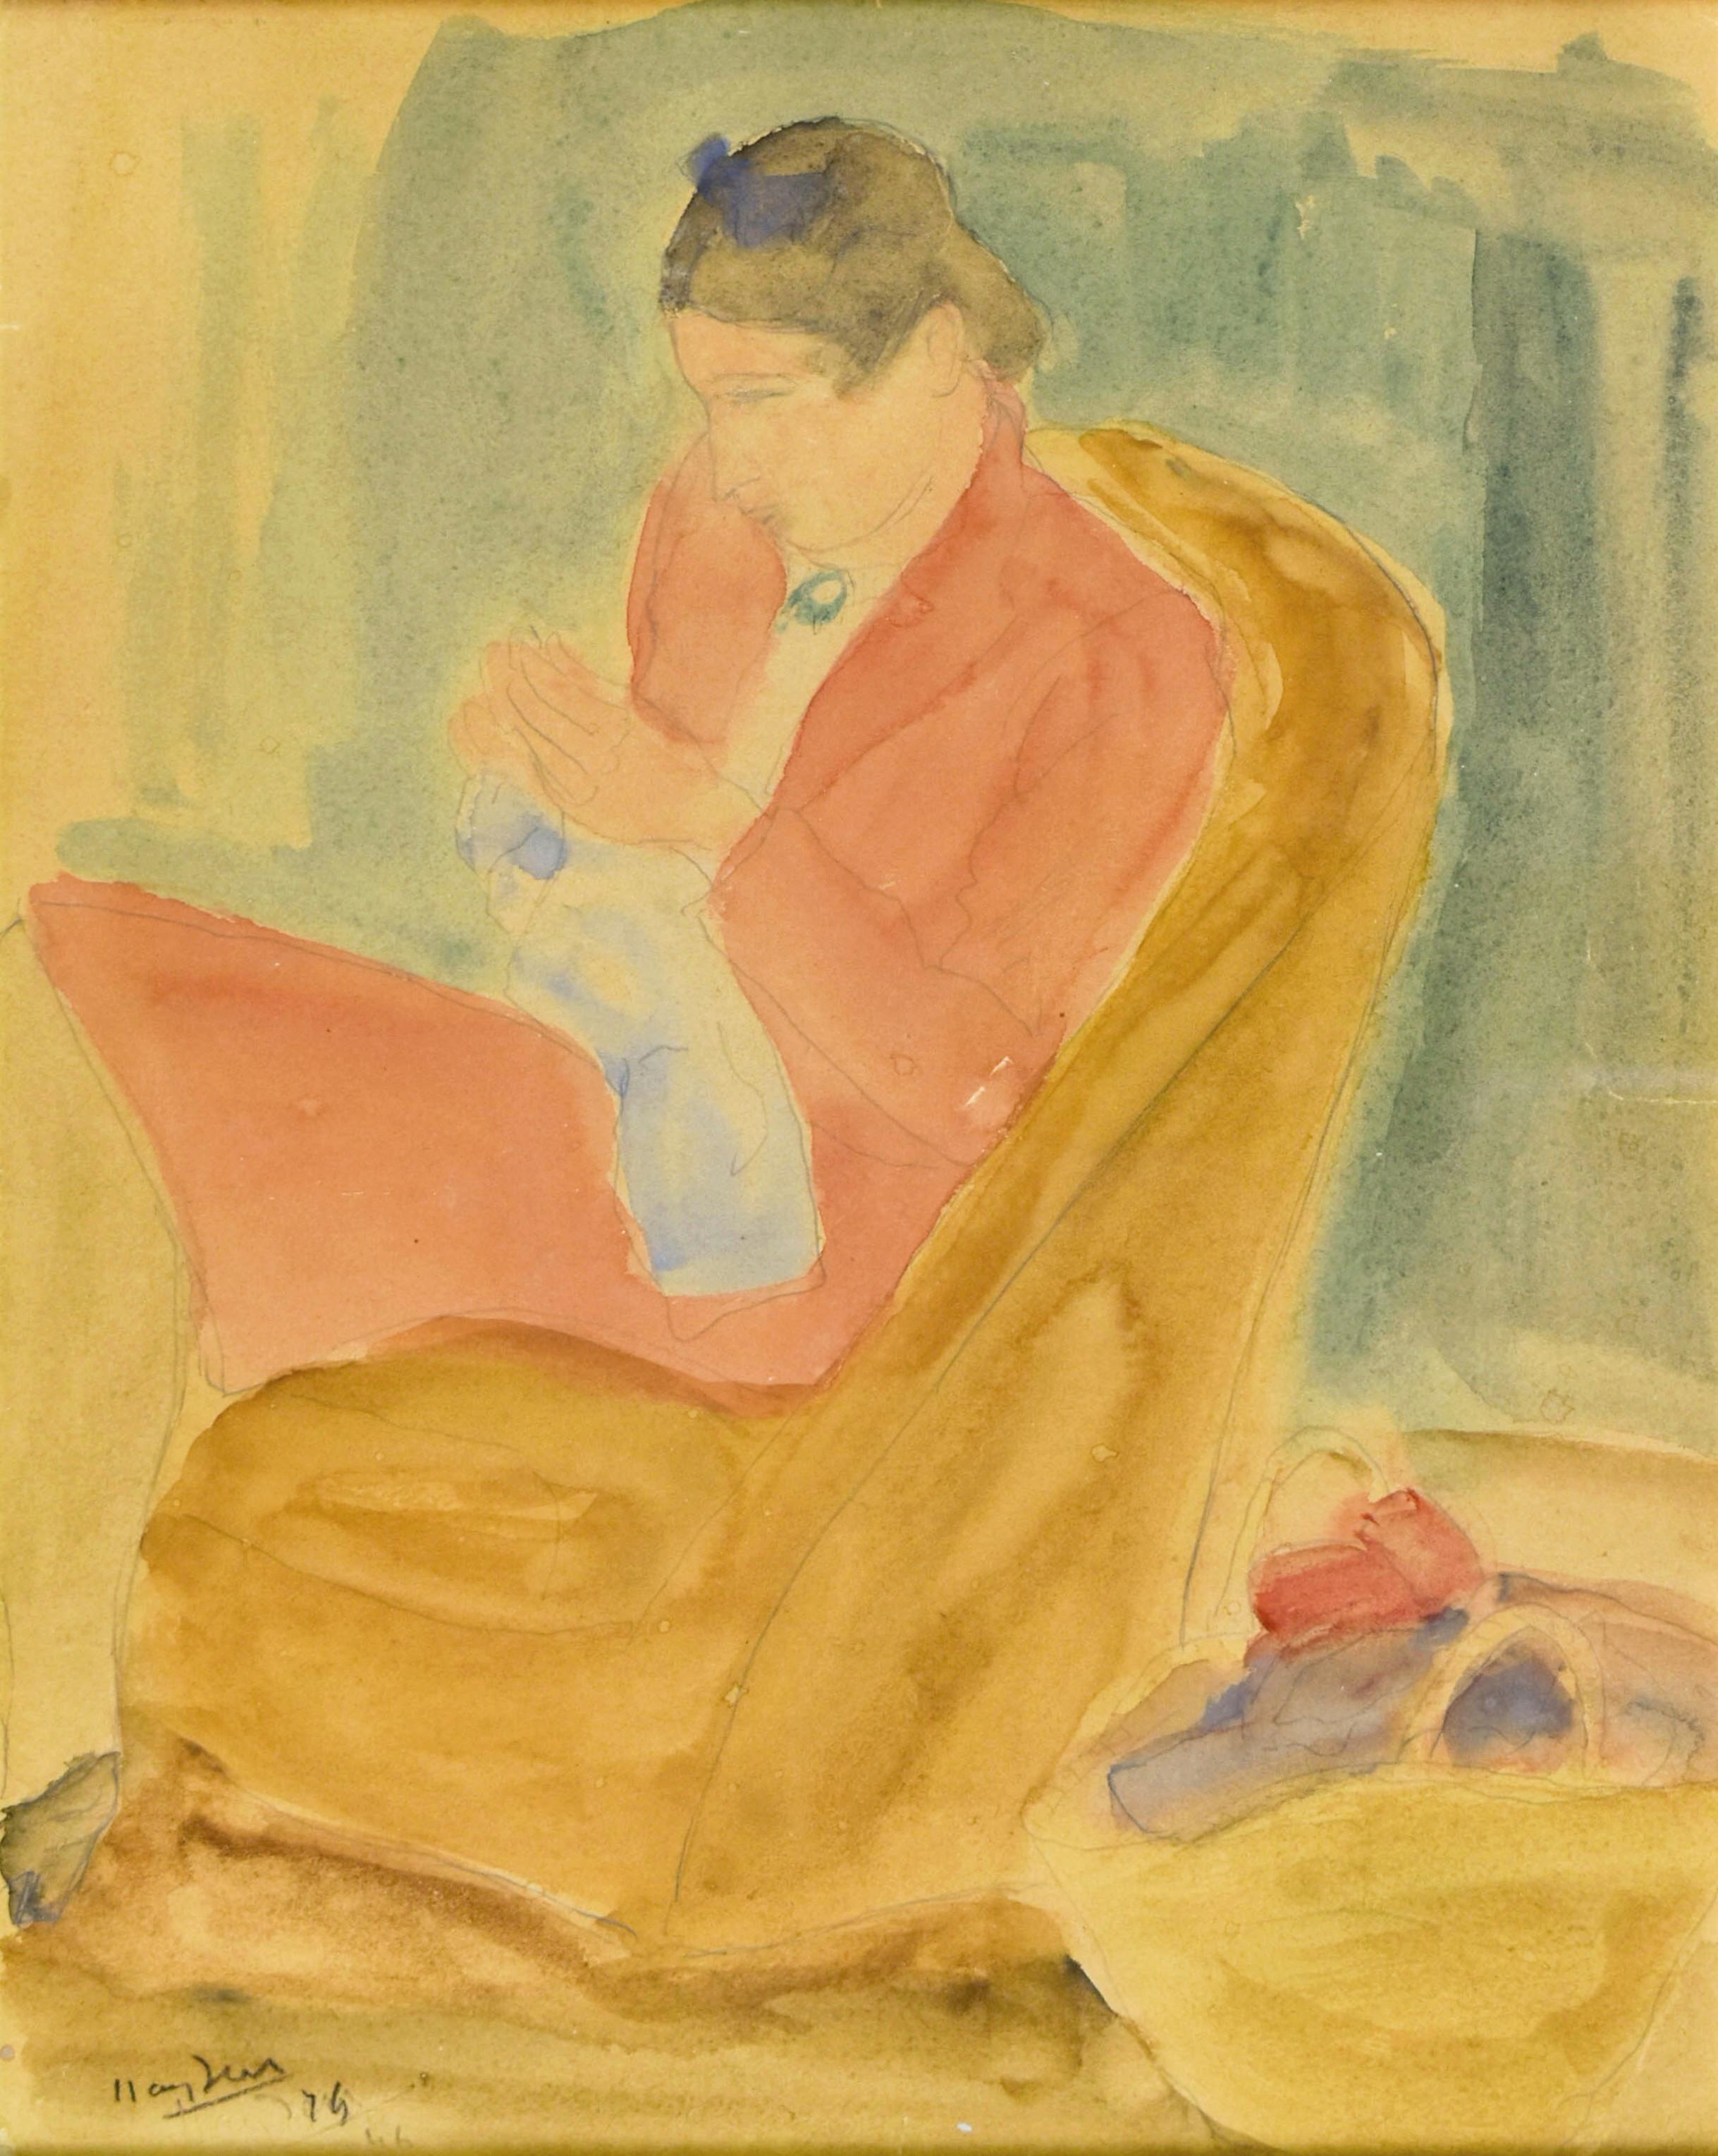 Szyjąca kobieta siedząca w fotelu, 1946